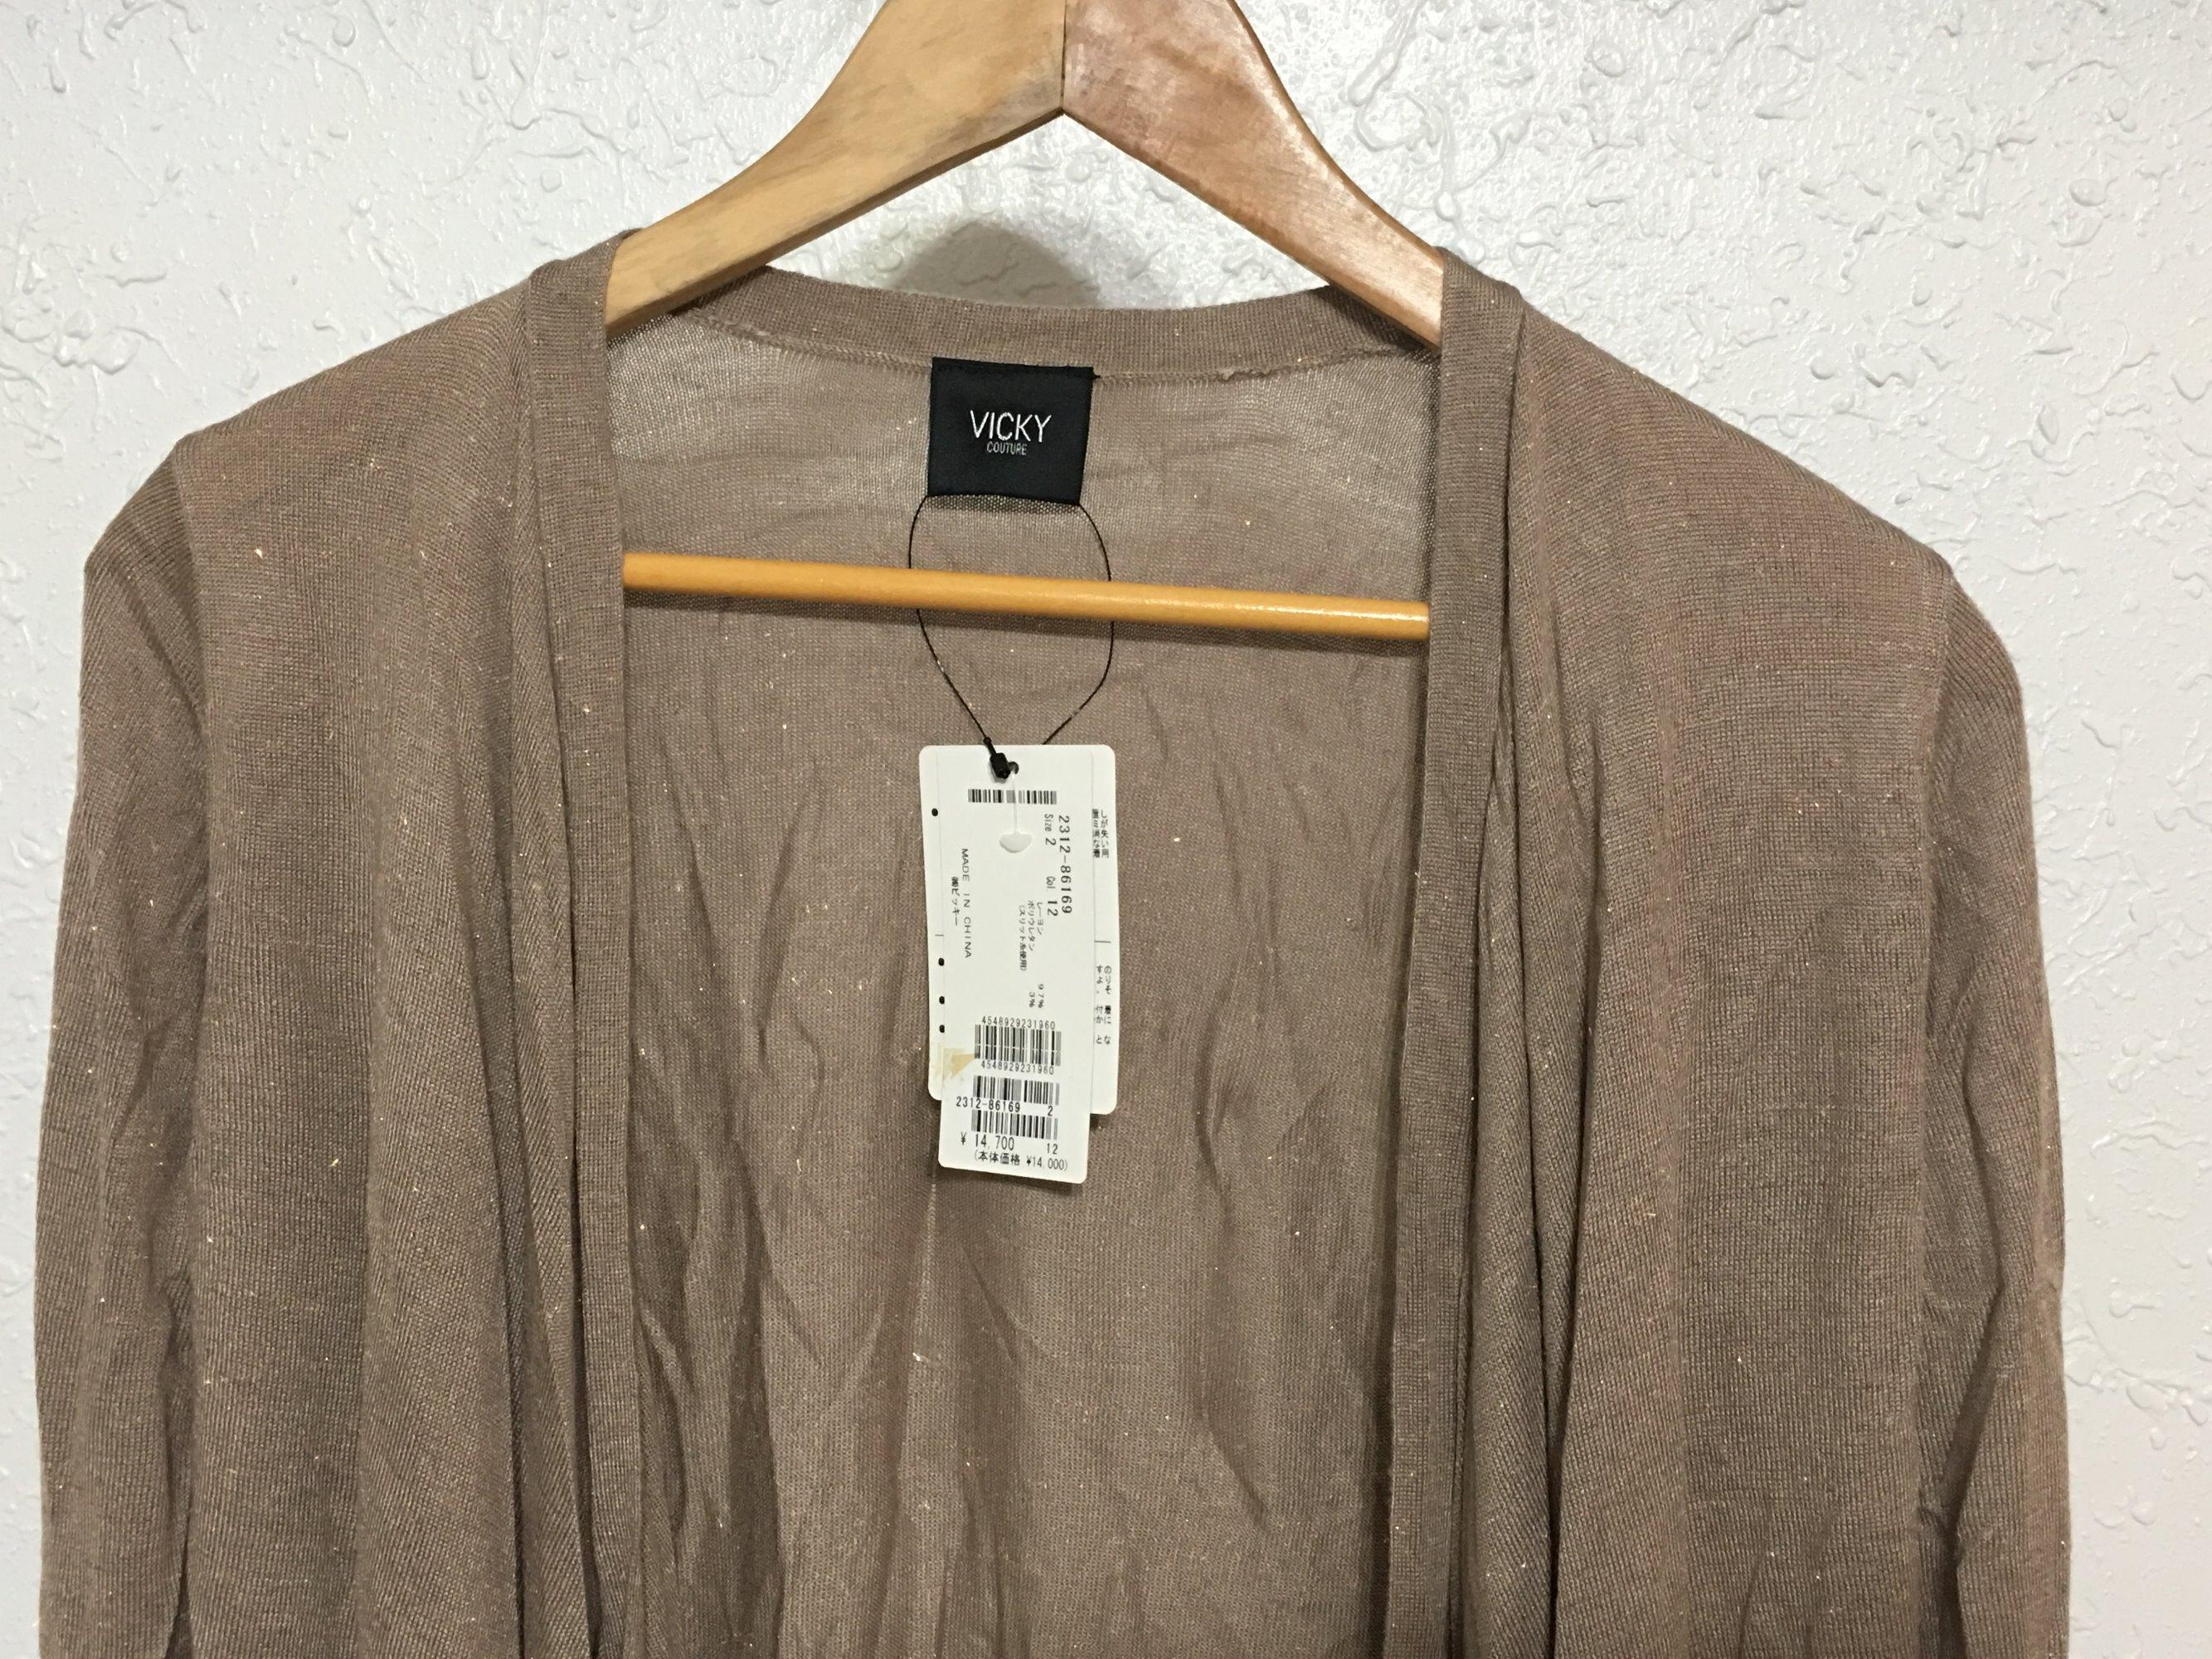 日本代購 VICKY 原價一萬多日幣 咖啡色 大地色 罩衫 薄外套 日本